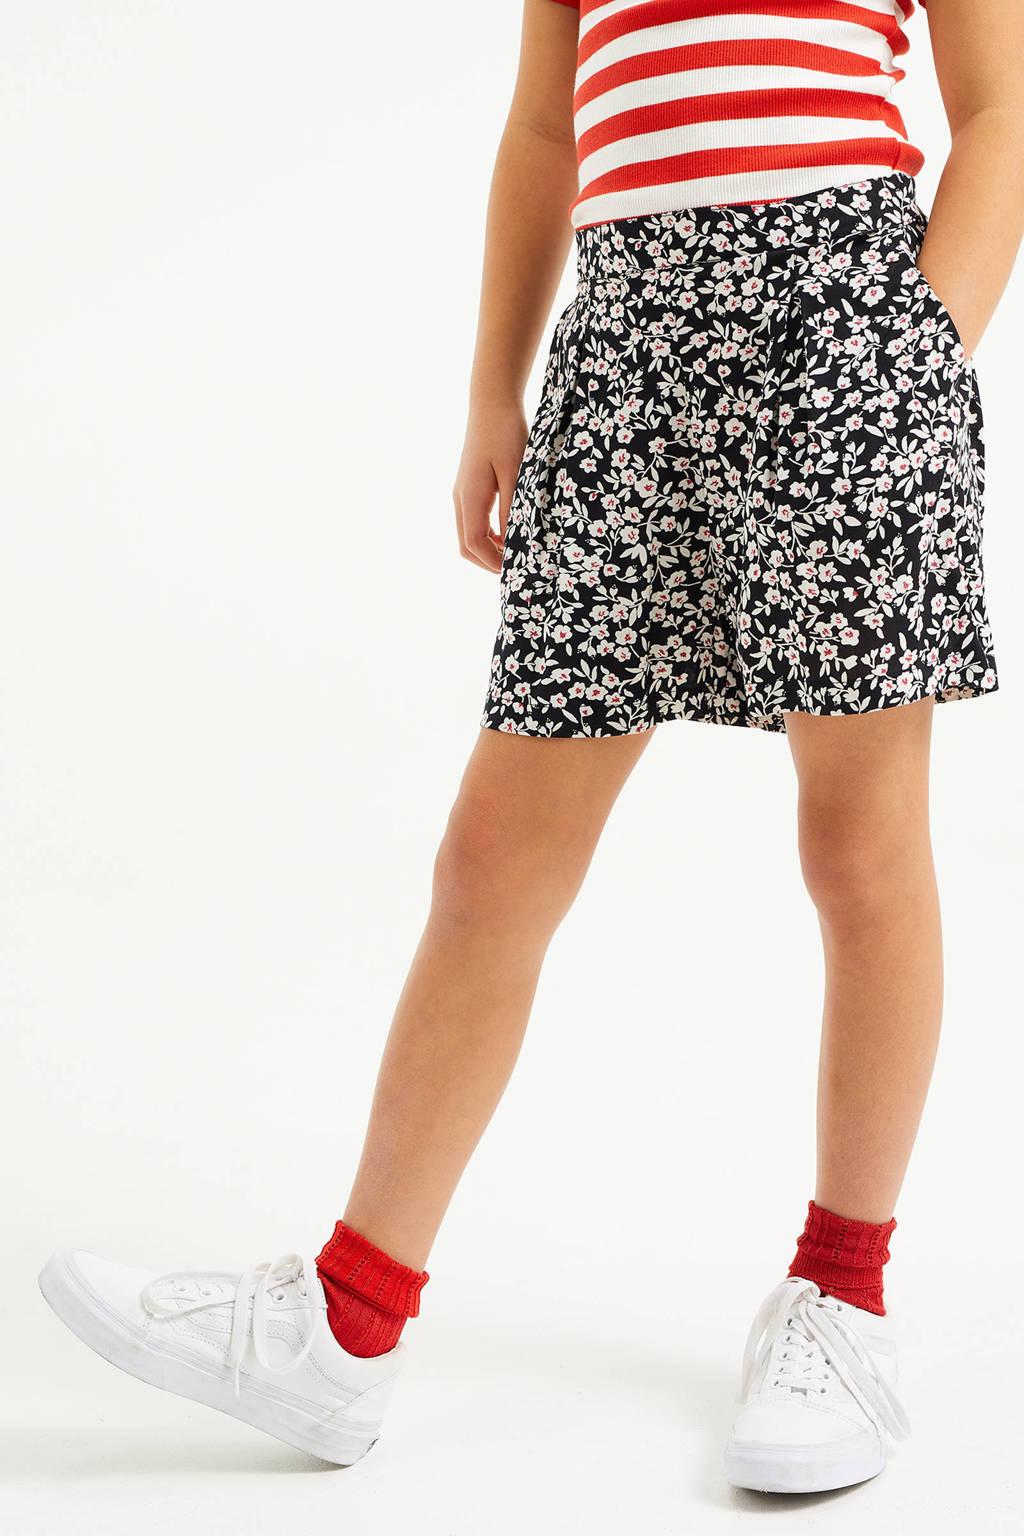 WE Fashion gebloemde loose fit short zwart/wit, Black Uni